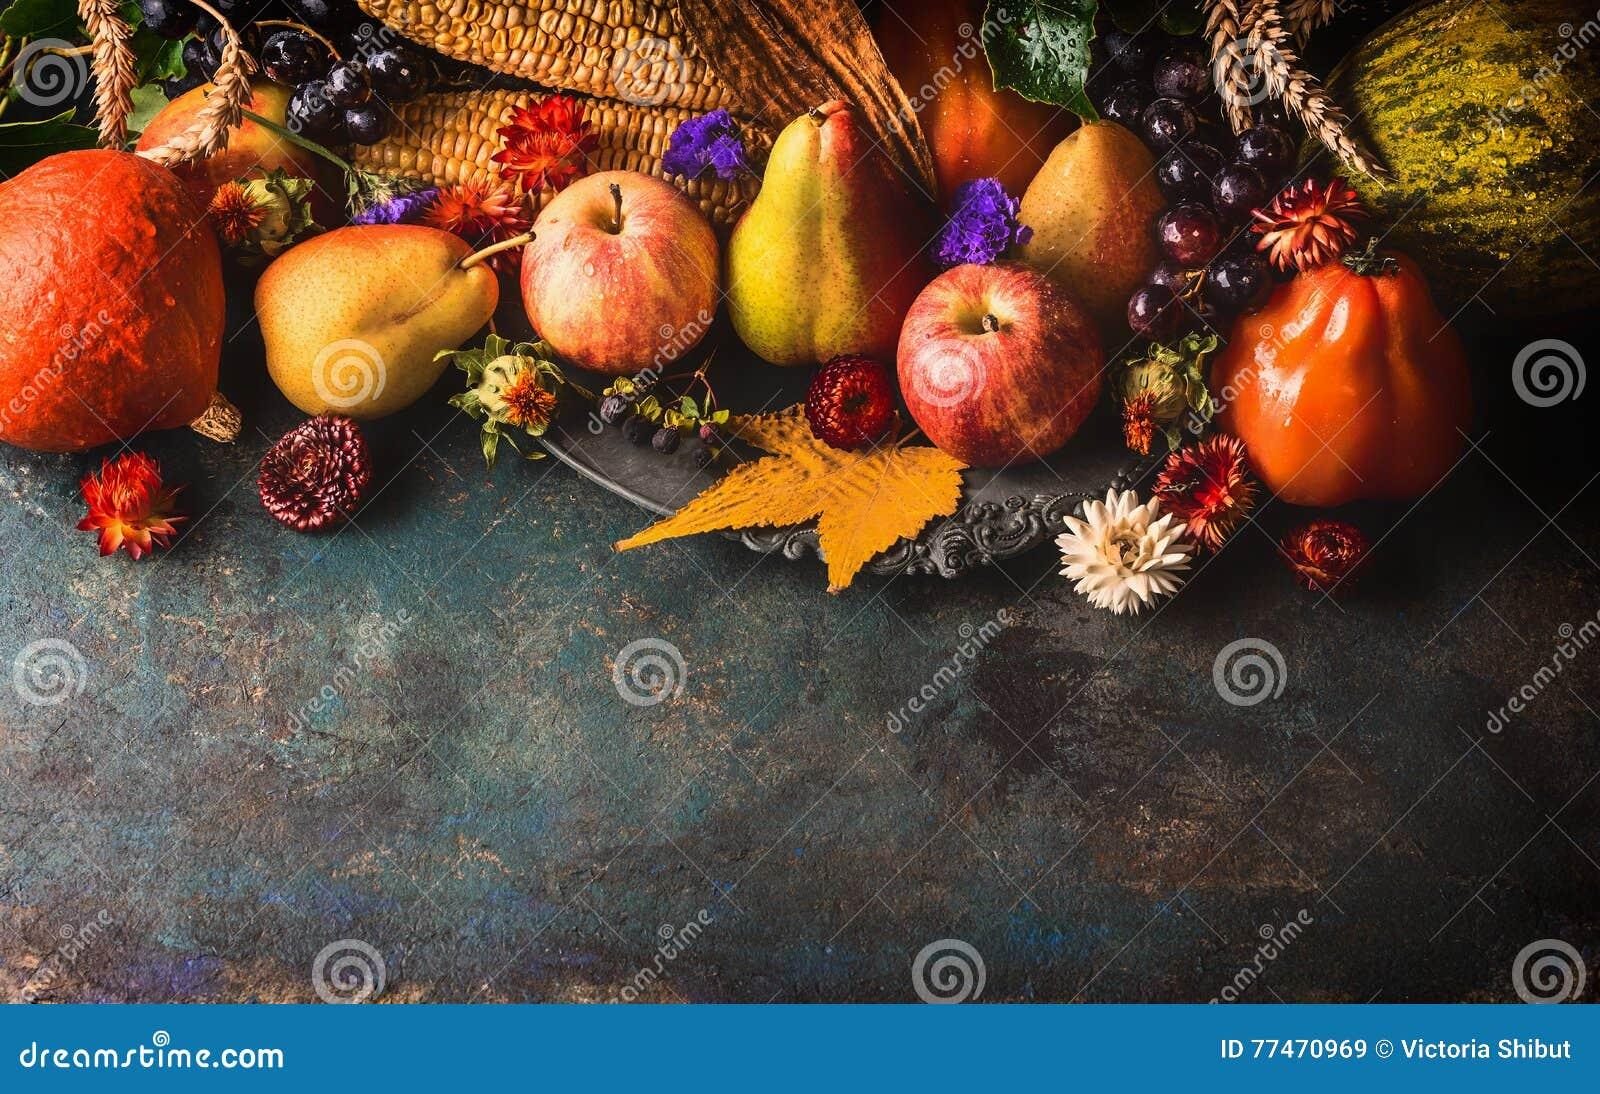 Фрукты и овощи падения на темной деревенской деревянной предпосылке, взгляд сверху, границе